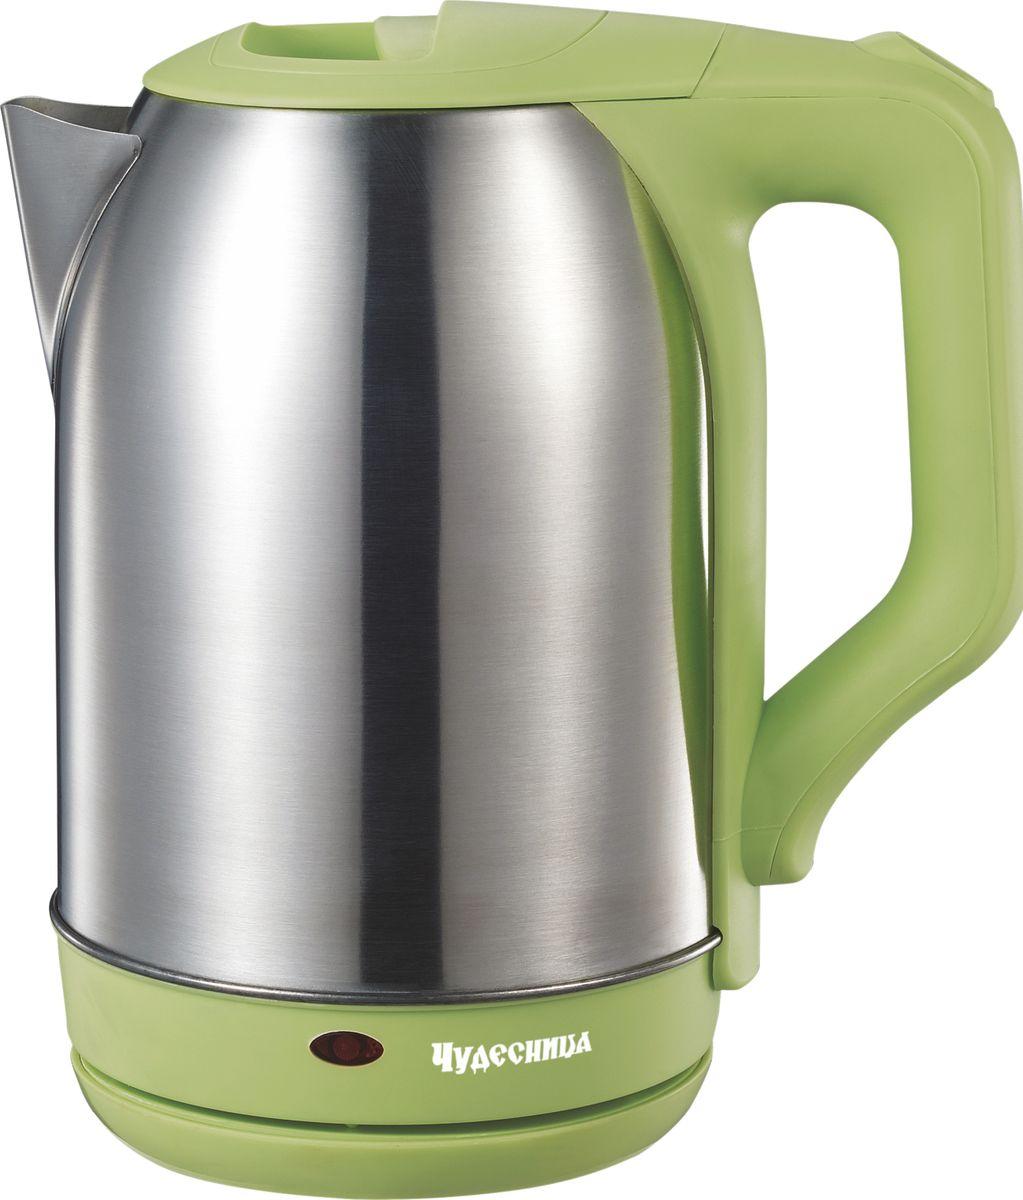 Электрический чайник Чудесница ЭЧ-2021